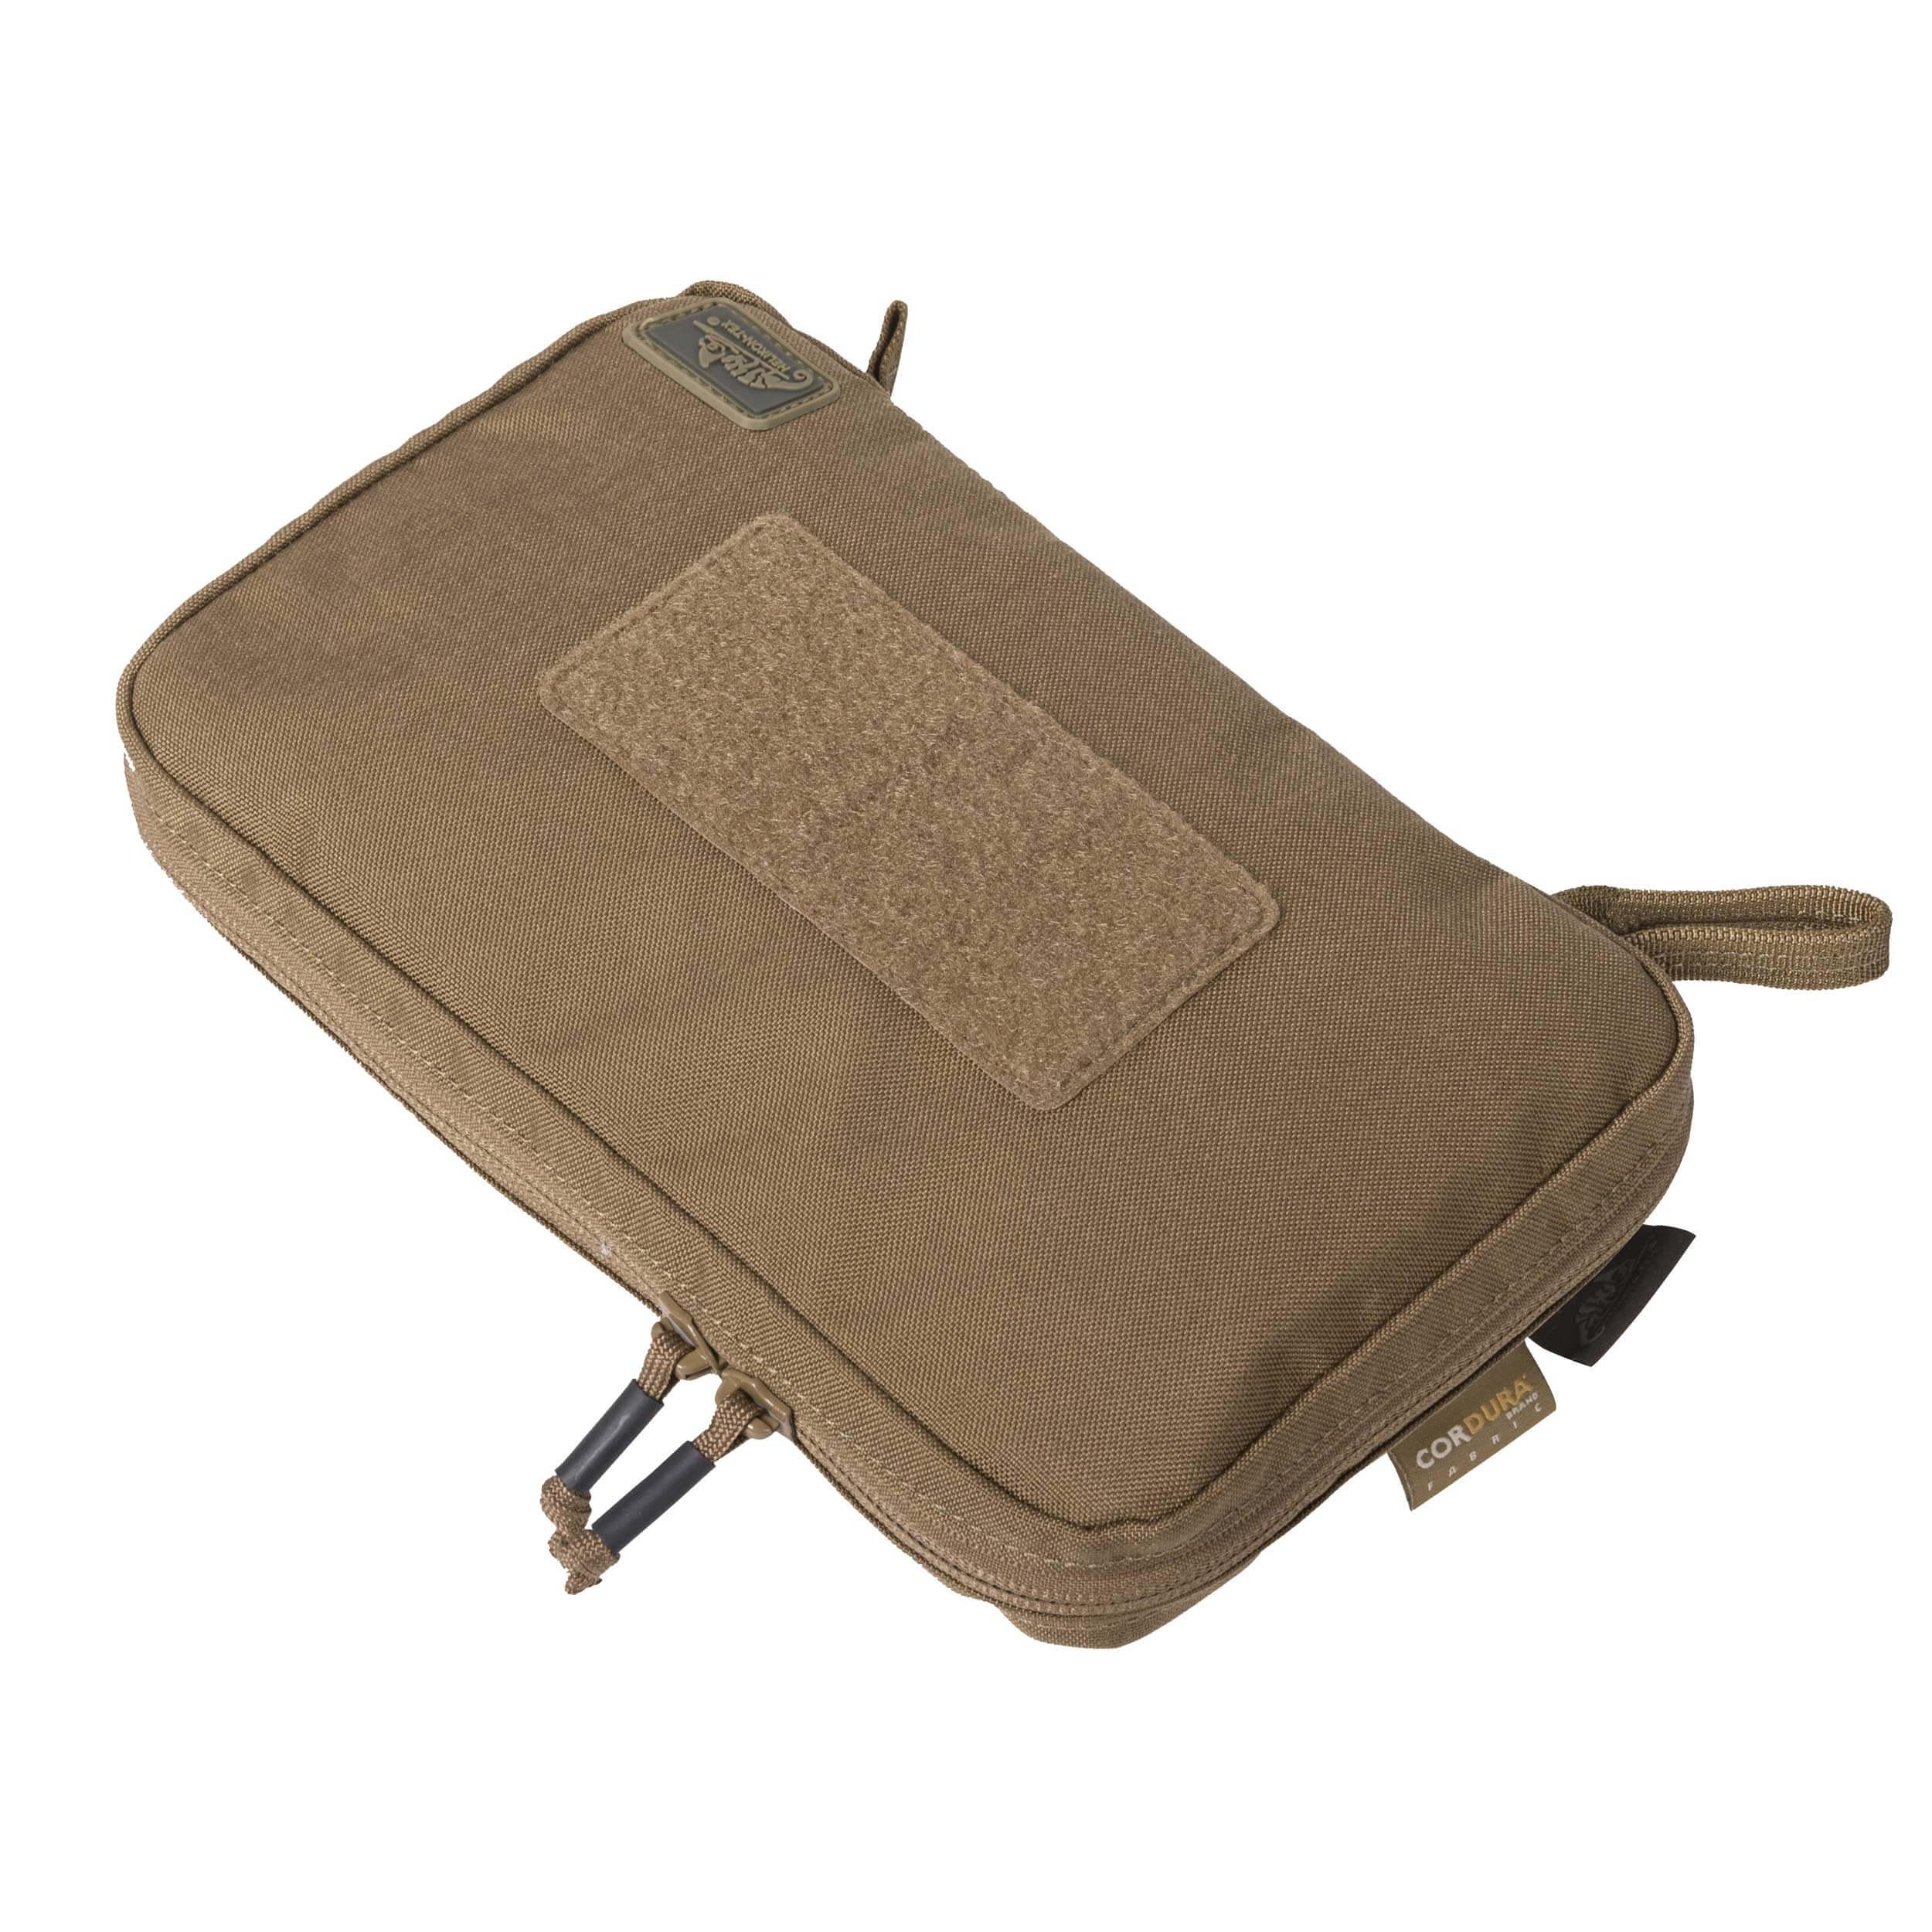 Helikon-Tex Mini Service Pocket -Cordura- Coyote